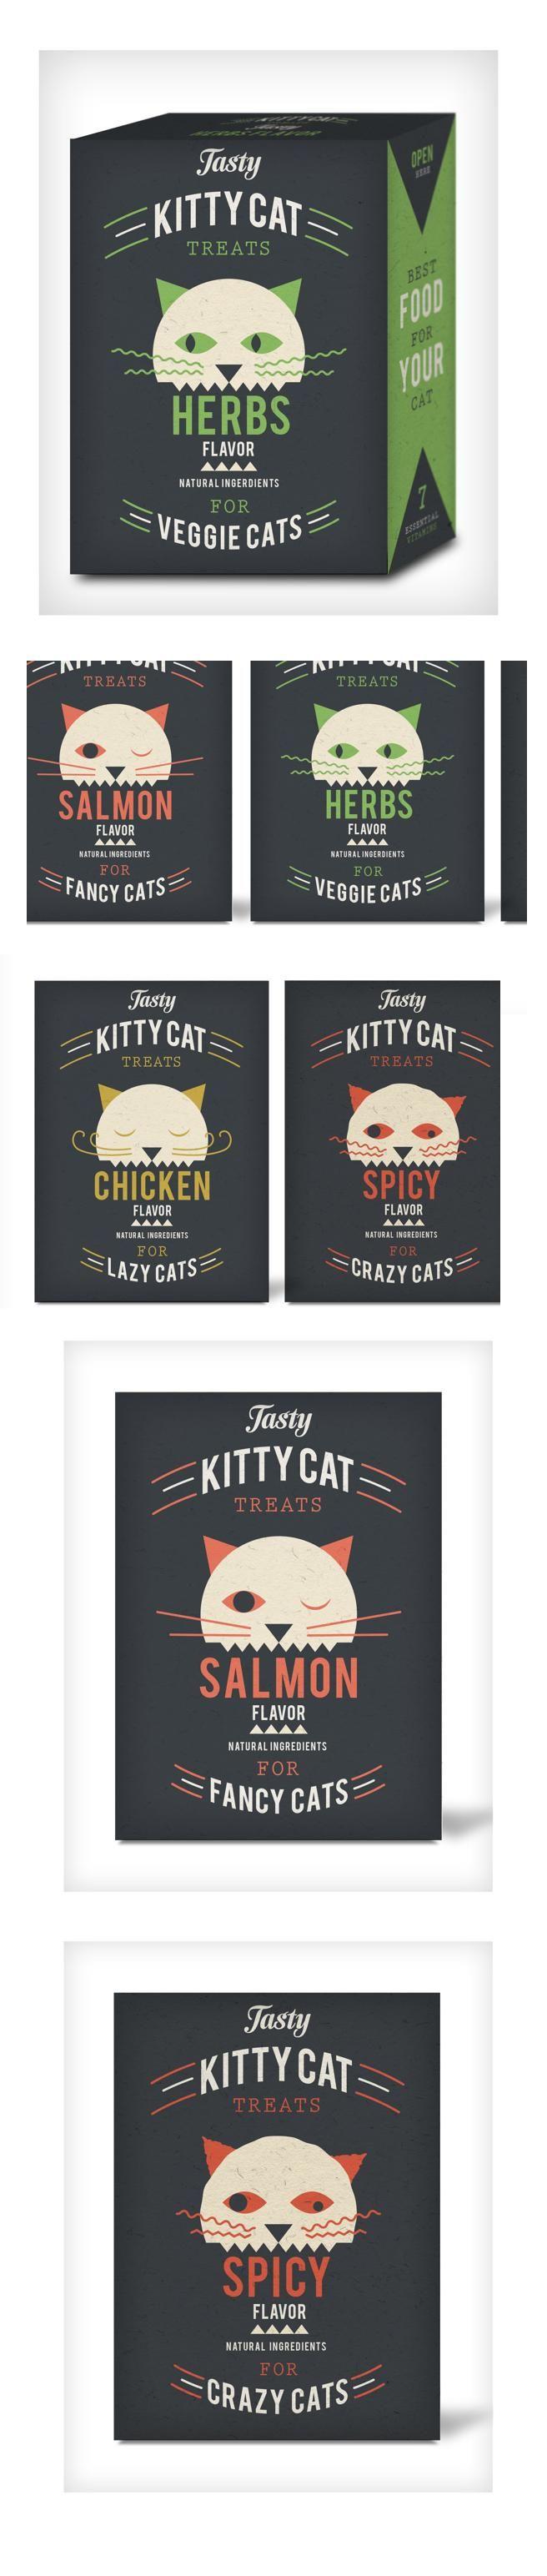 Tasty KittyKat